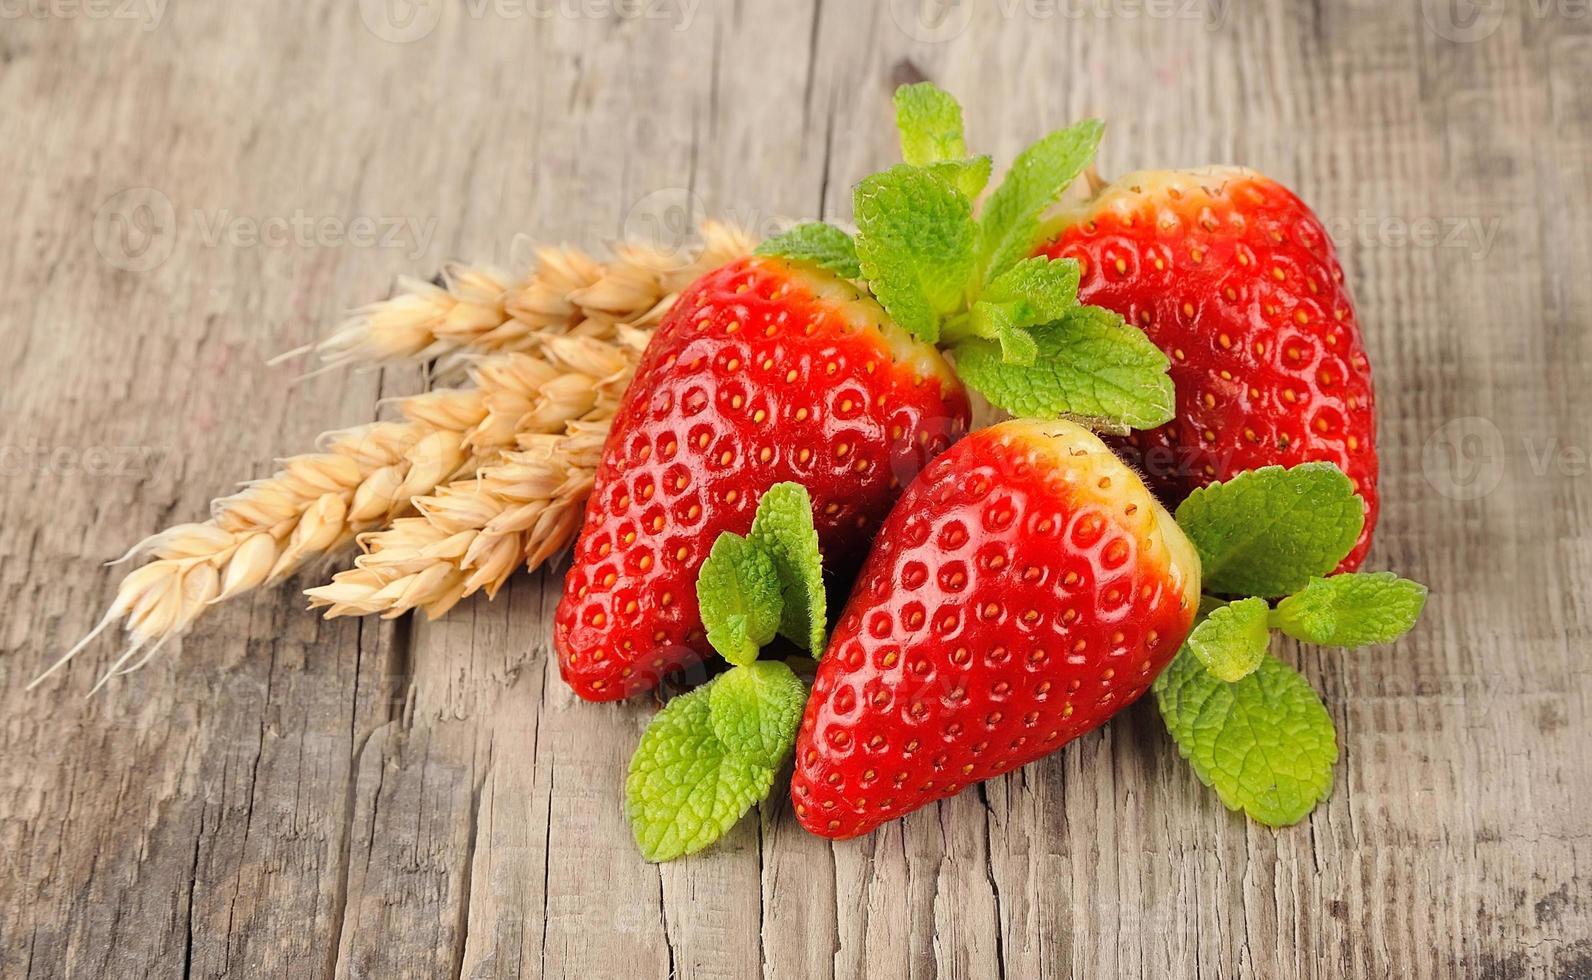 fresa dulce foto